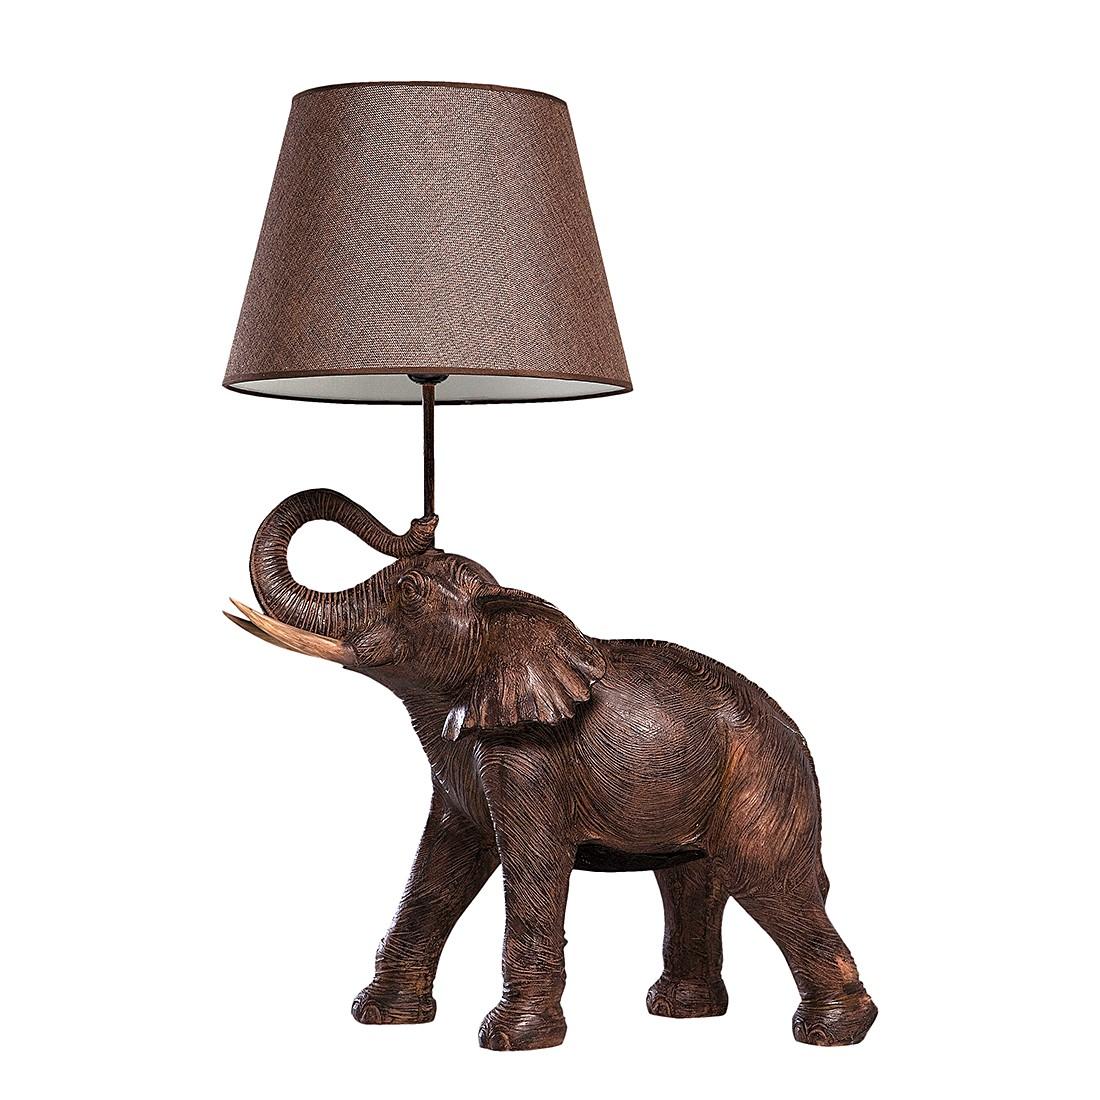 EEK A++, Lampe de table TL Elephant Safari - Matériau synthétique / Tissu 1 ampoule, Kare Design